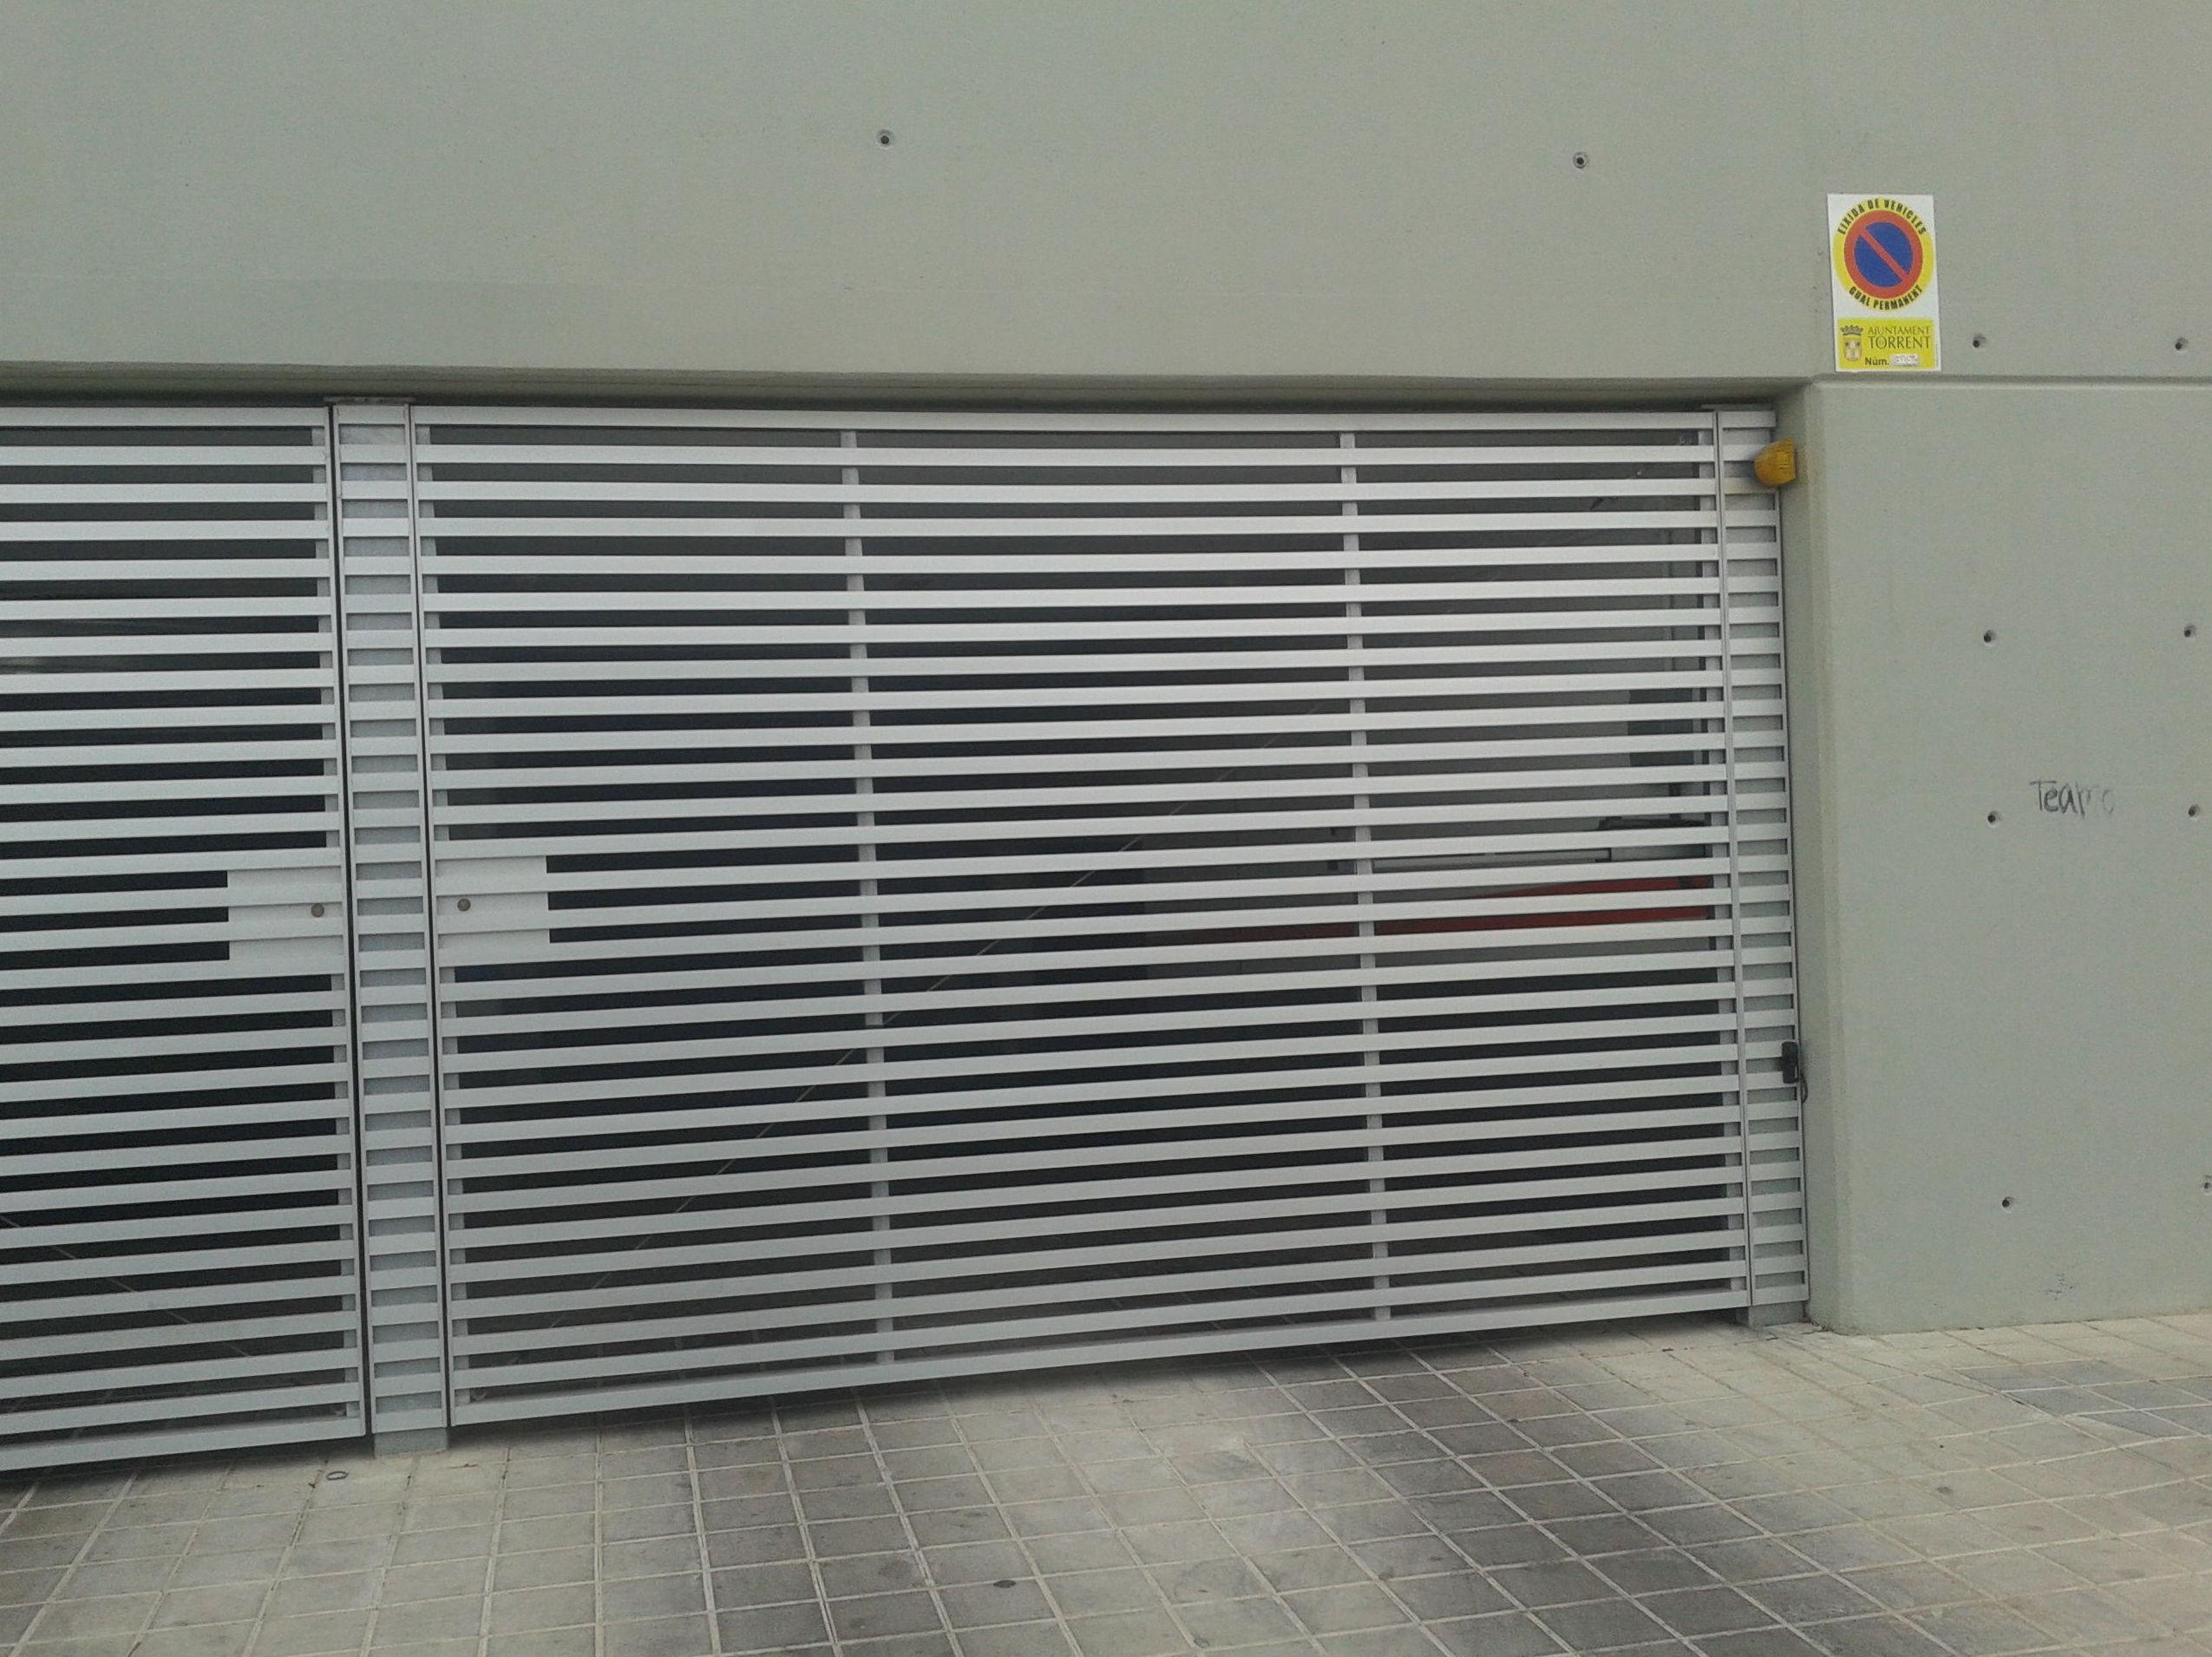 Puerta Batiente comunitaria de barrotes de aluminio y chasis metálico